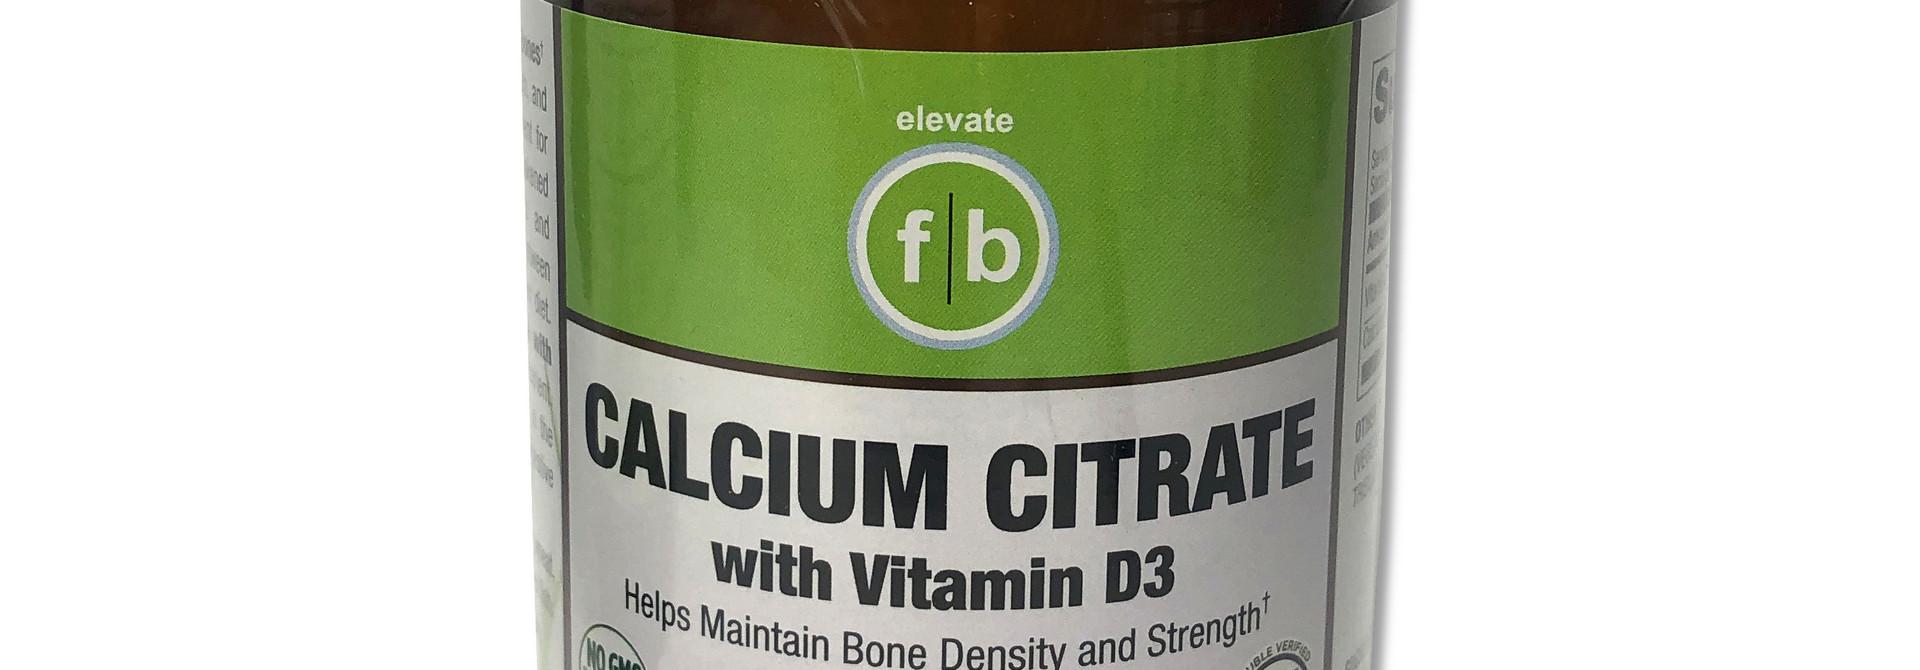 Calcium Citrate with Vitamin D3